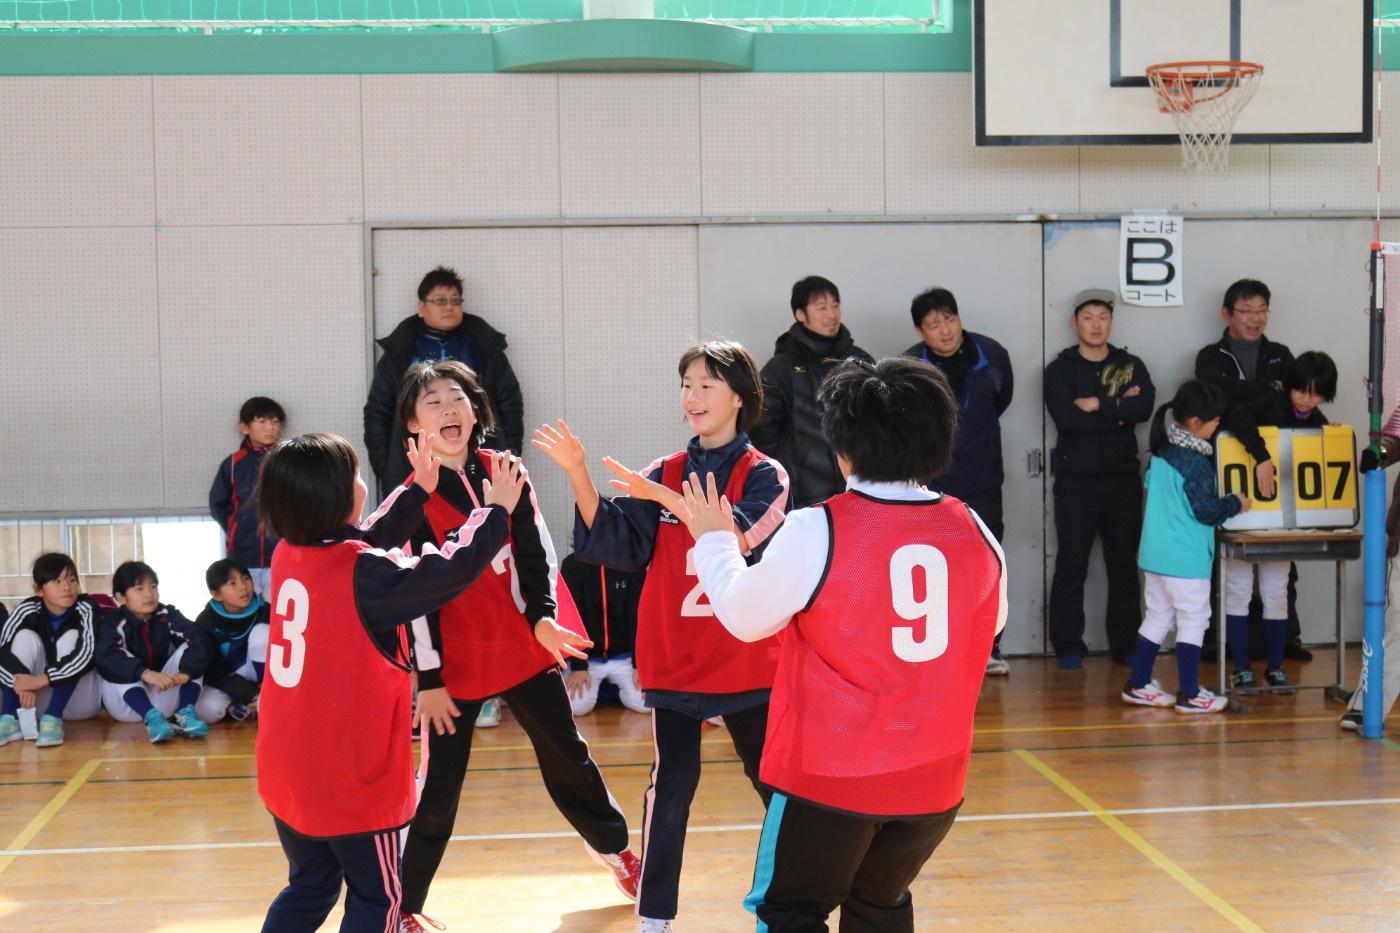 参加者の子どもたちがハイタッチで喜ぶ様子 第29回吉島地区冬季スポーツレクリエーション大会